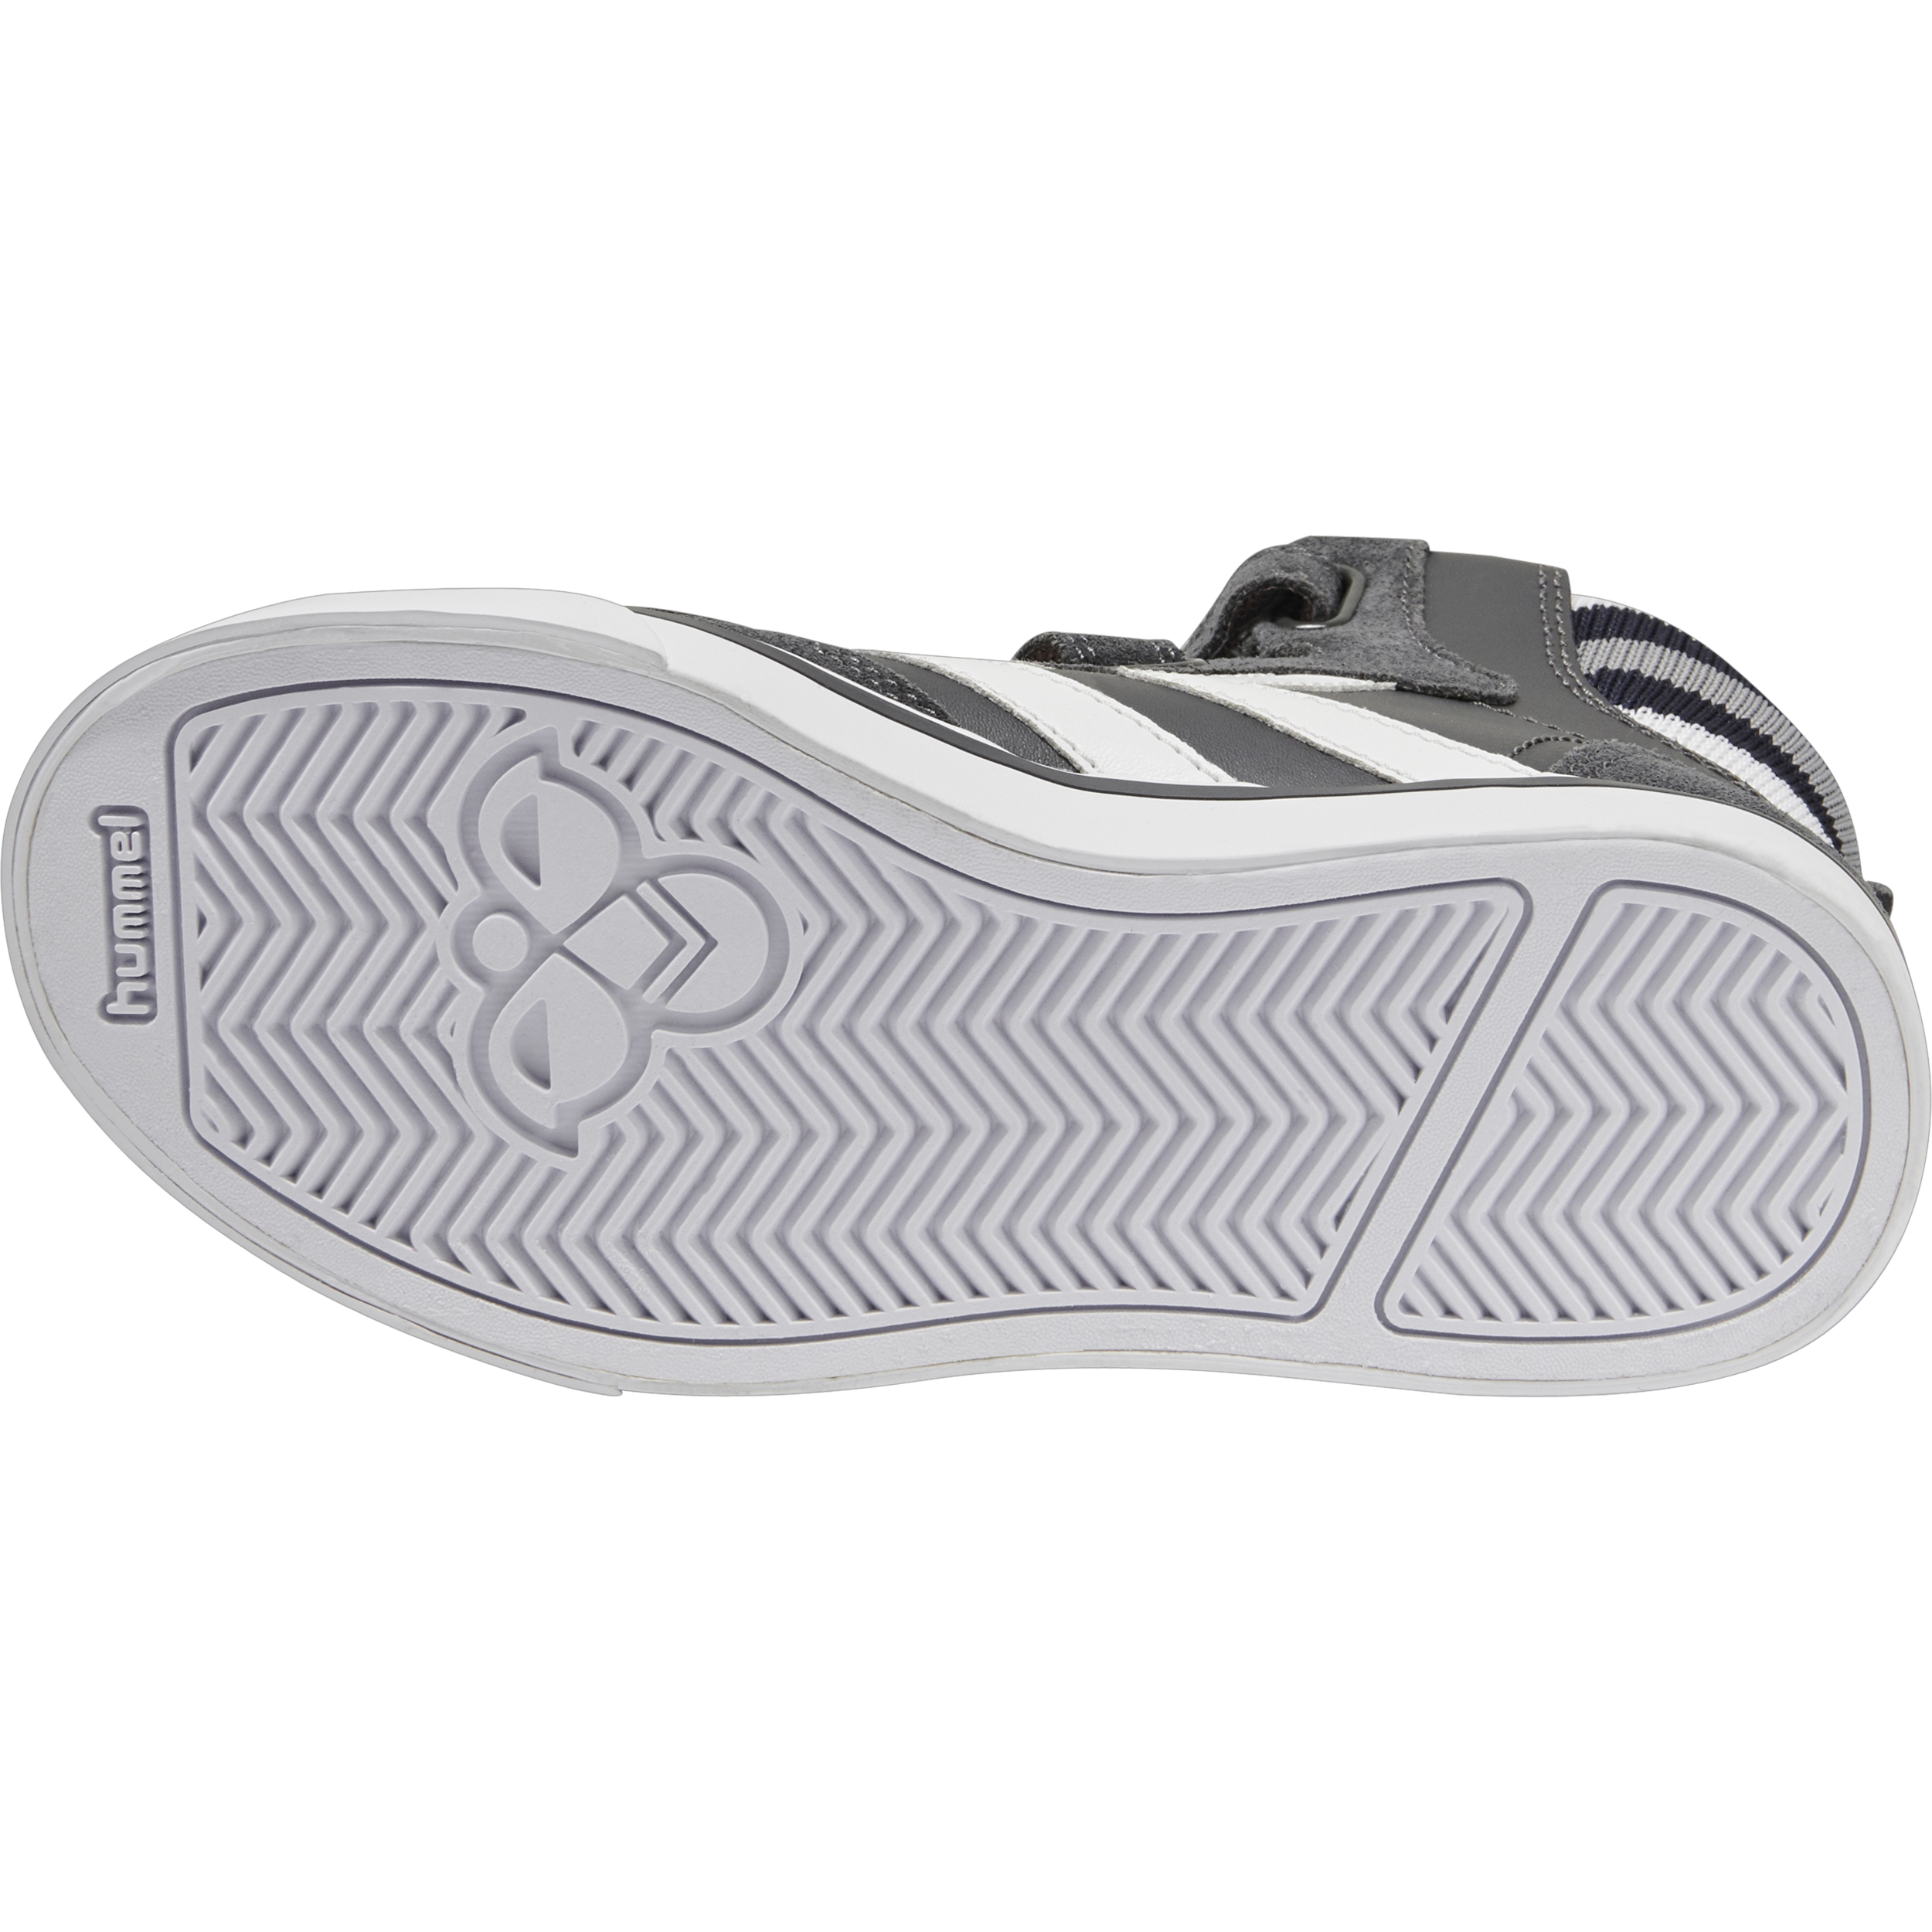 Hummel Stadil Pro Jr. sneakers, asphalt, 34